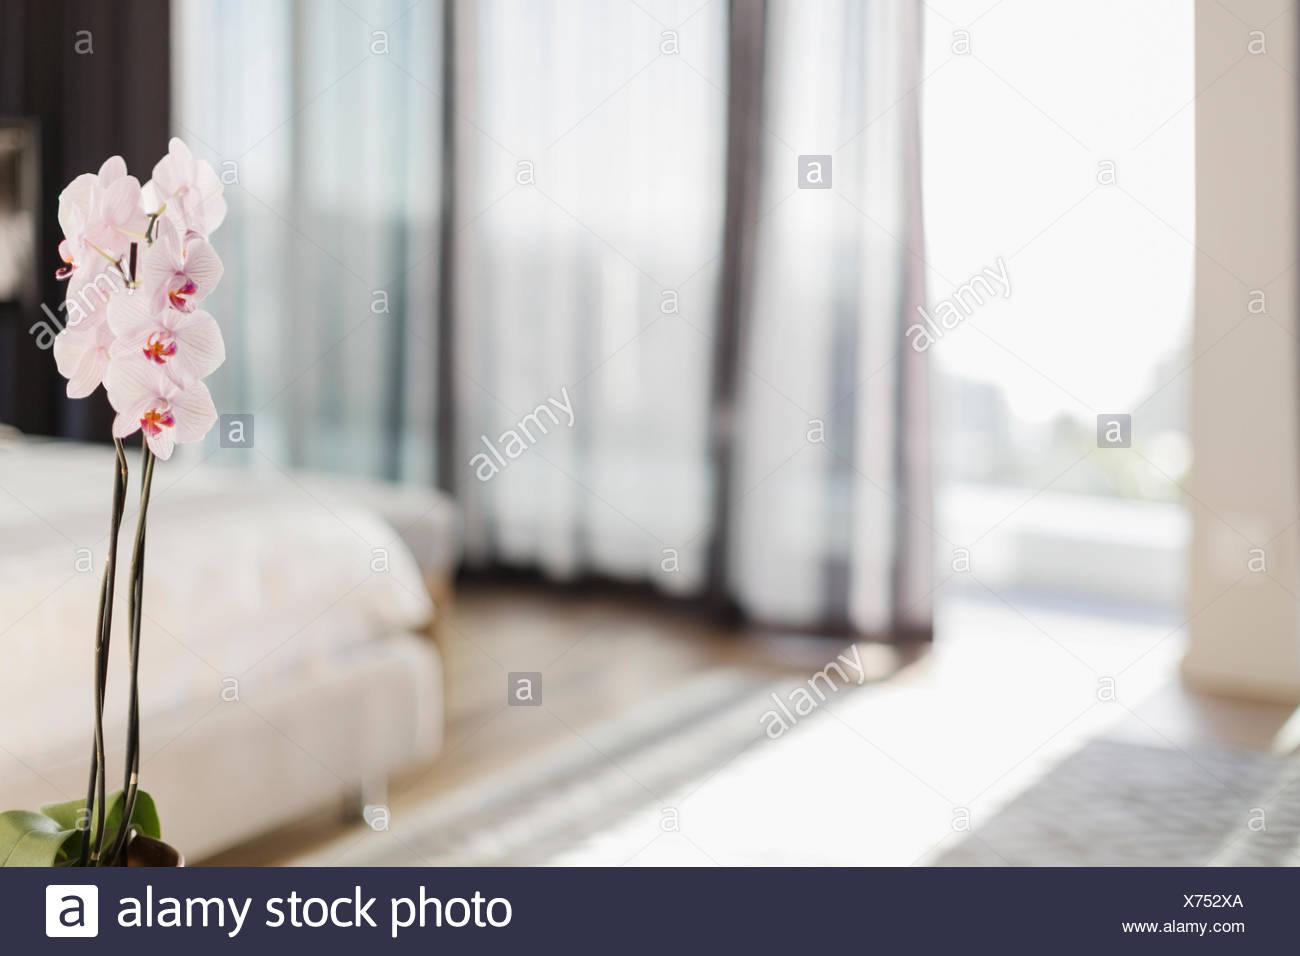 Weiß-rosa Orchideen im Schlafzimmer Stockfoto, Bild: 279780546 - Alamy